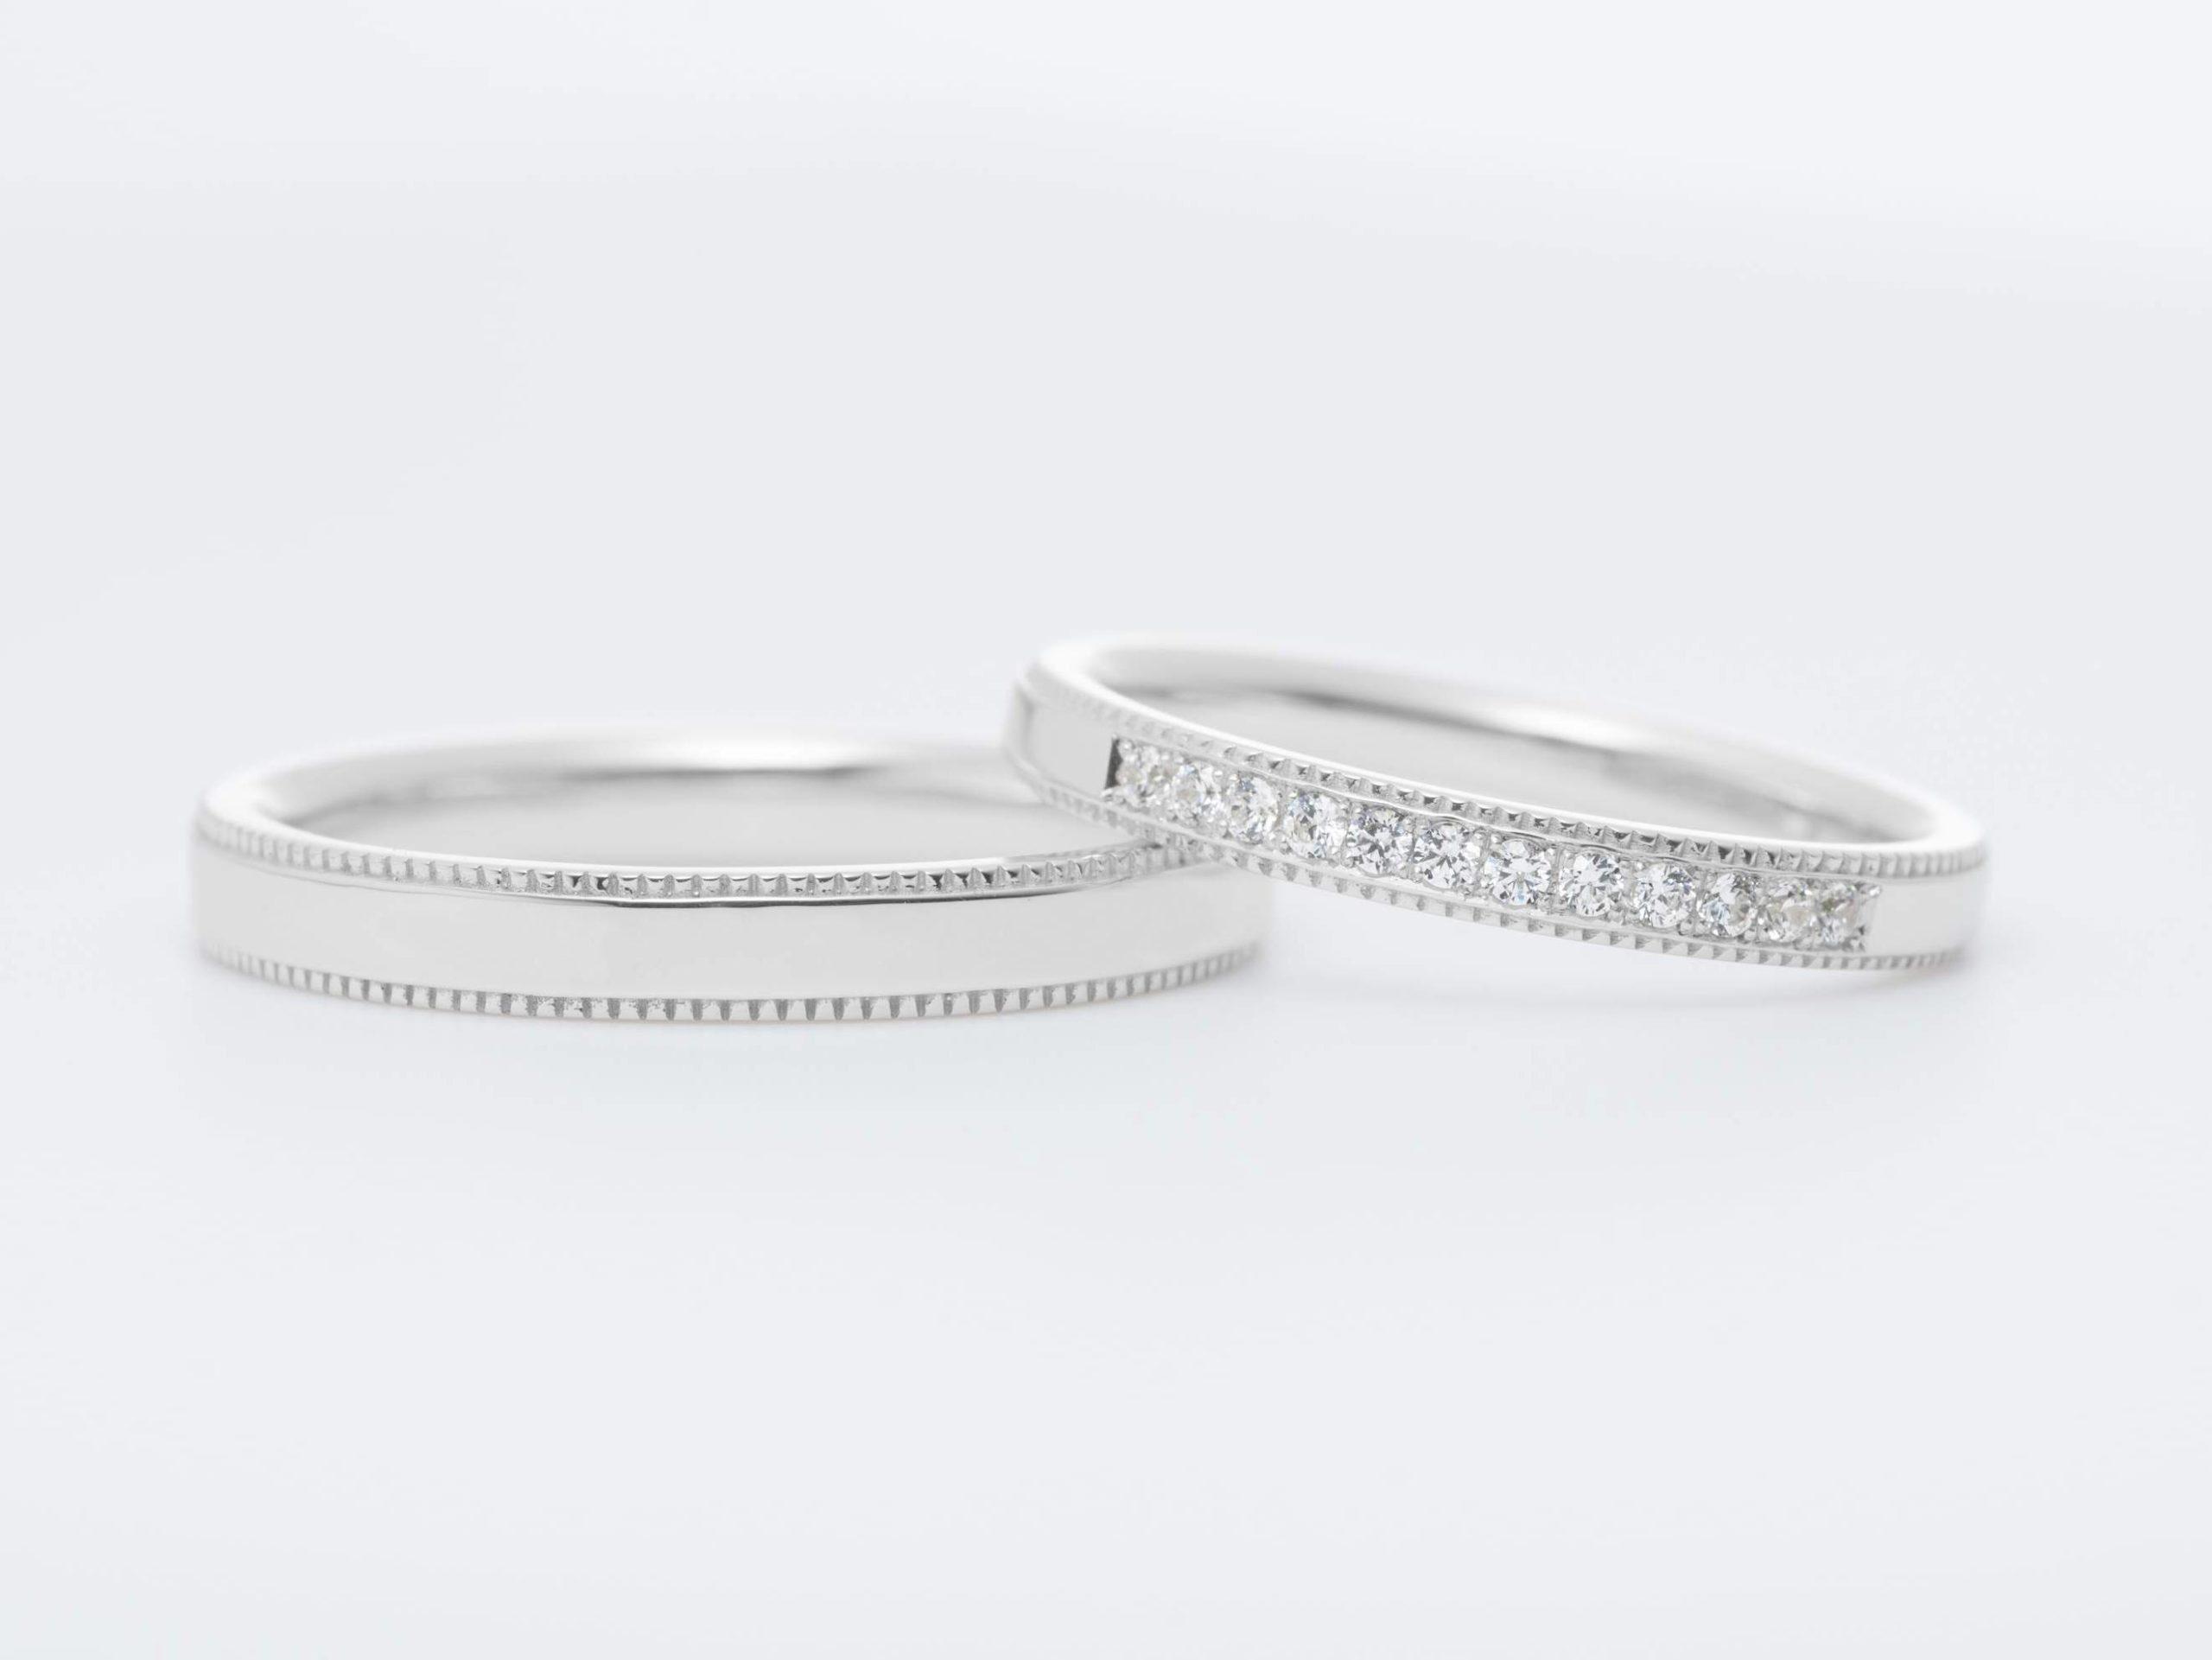 結婚指輪の平均購入価格について...